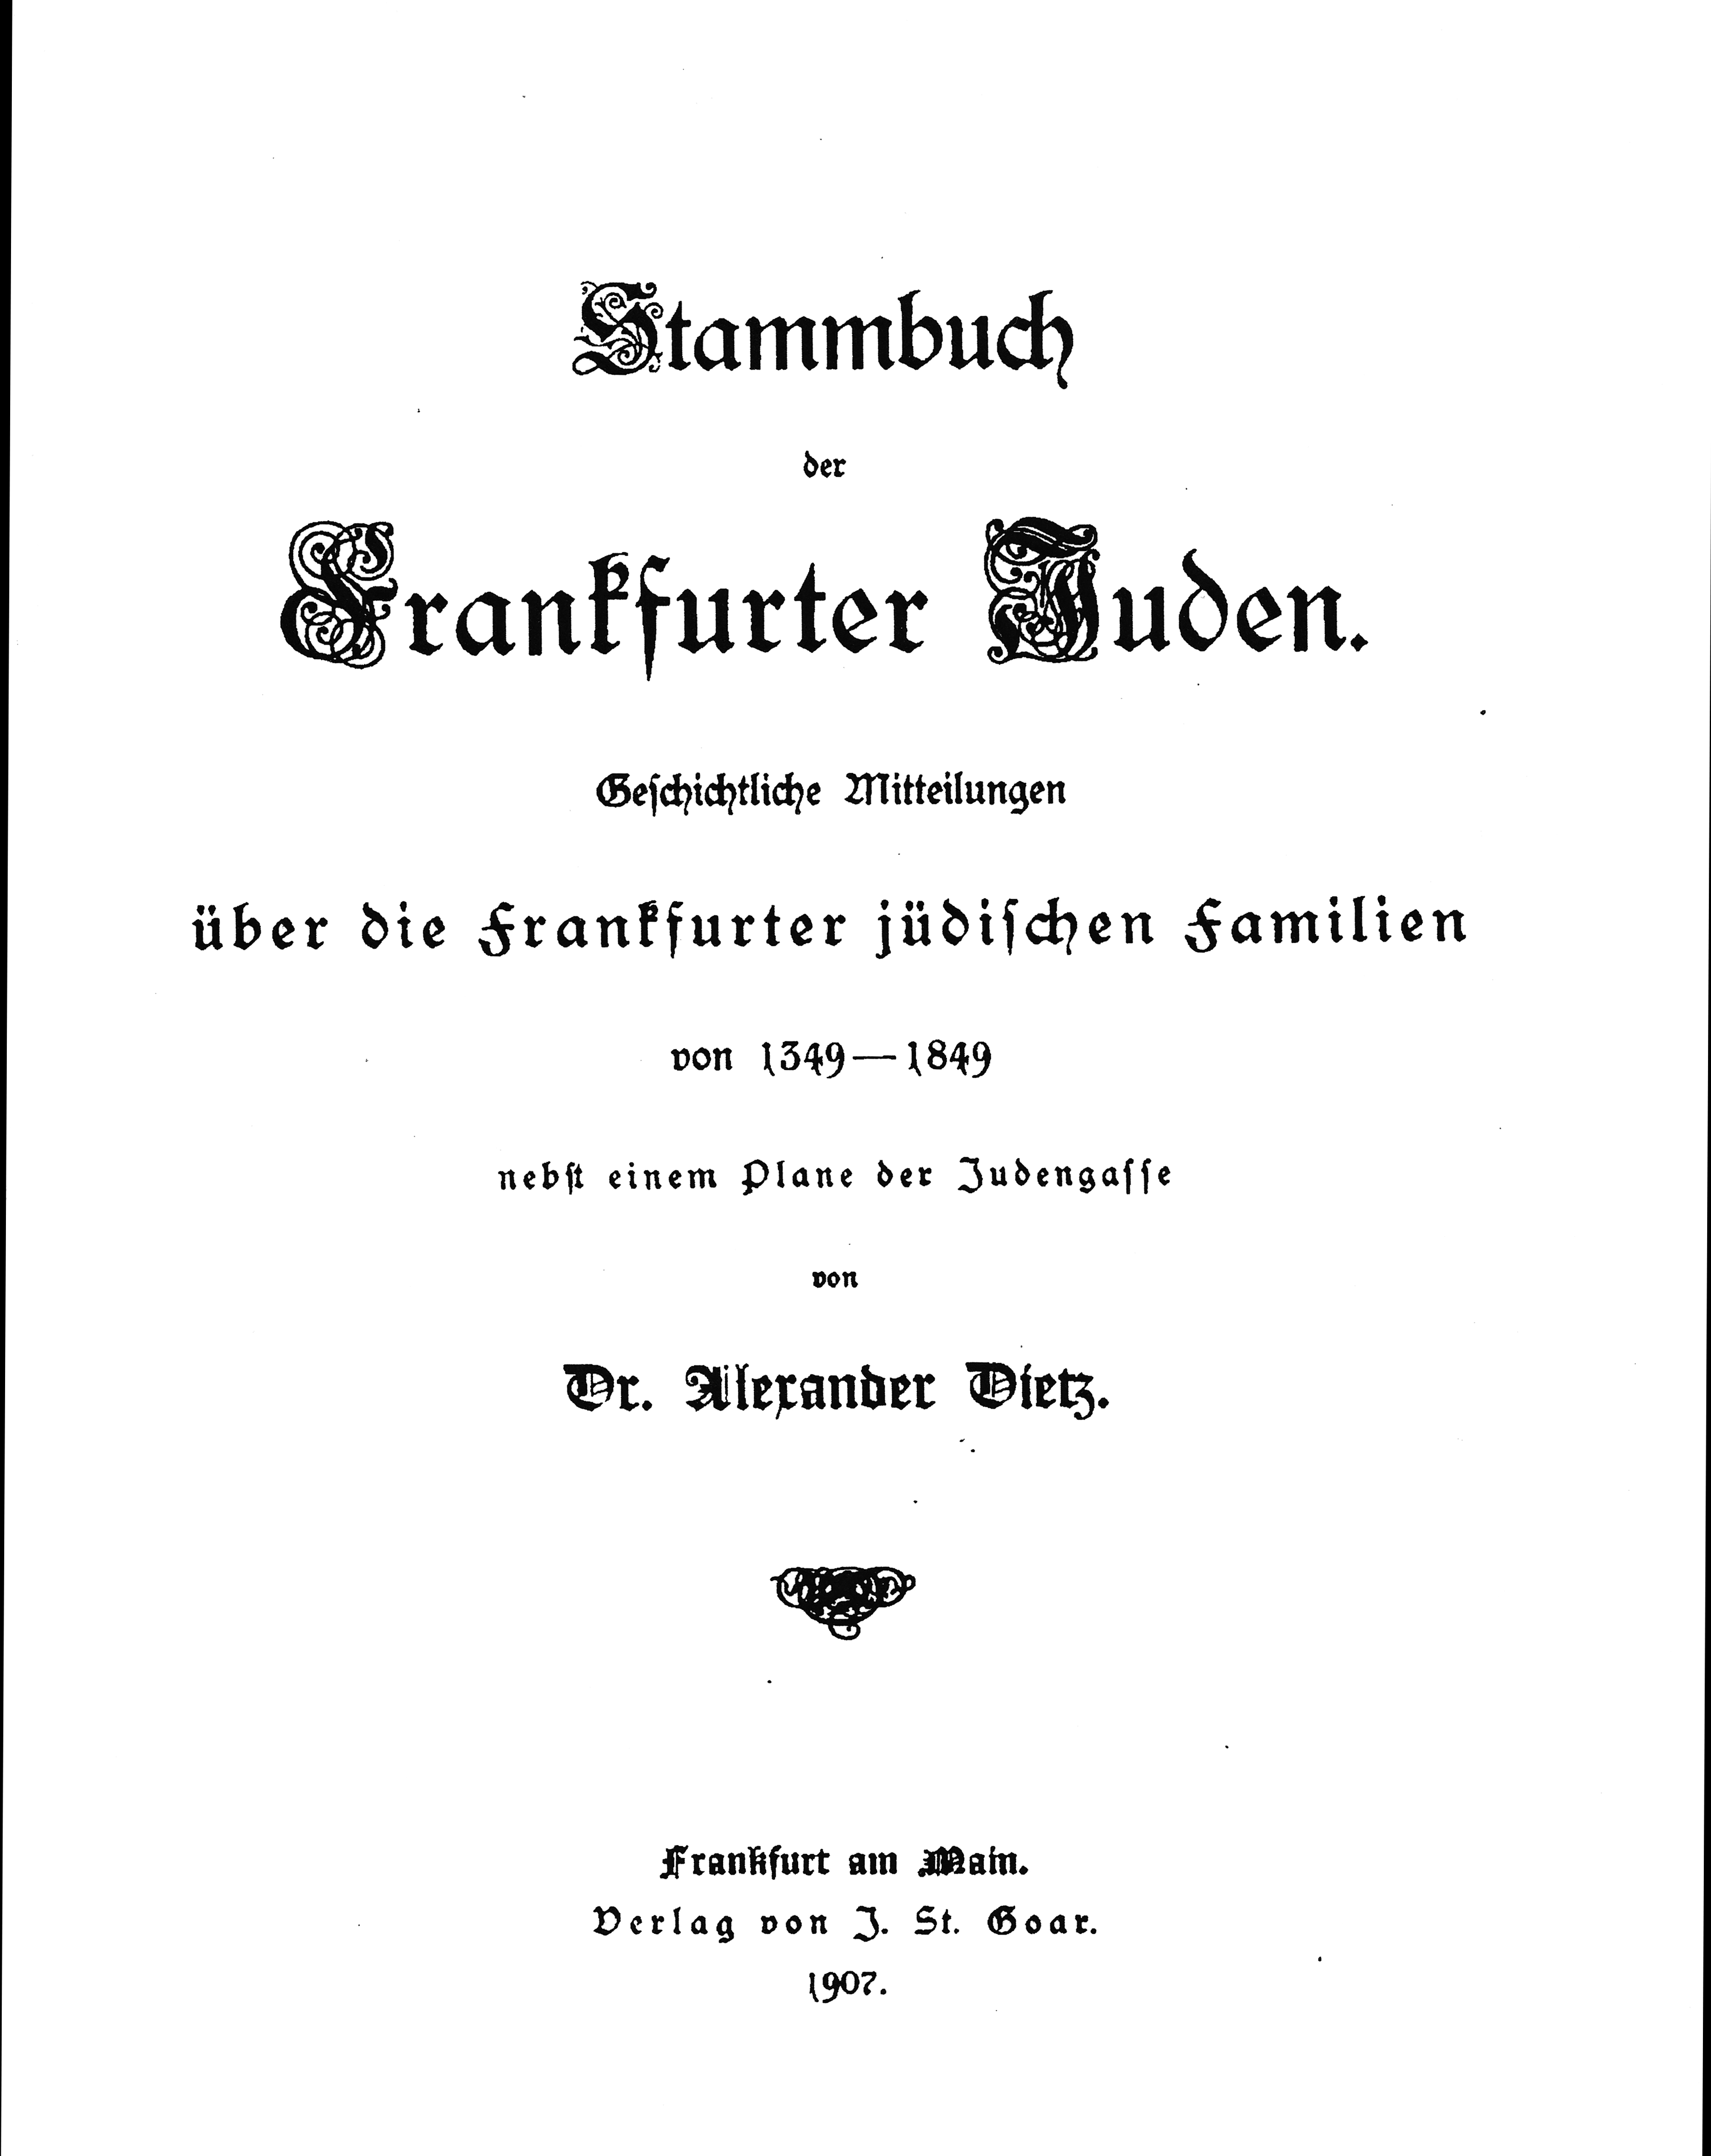 Datei:Stammbuch der Frankfurter Juden Deckblatt Alexander Dietz